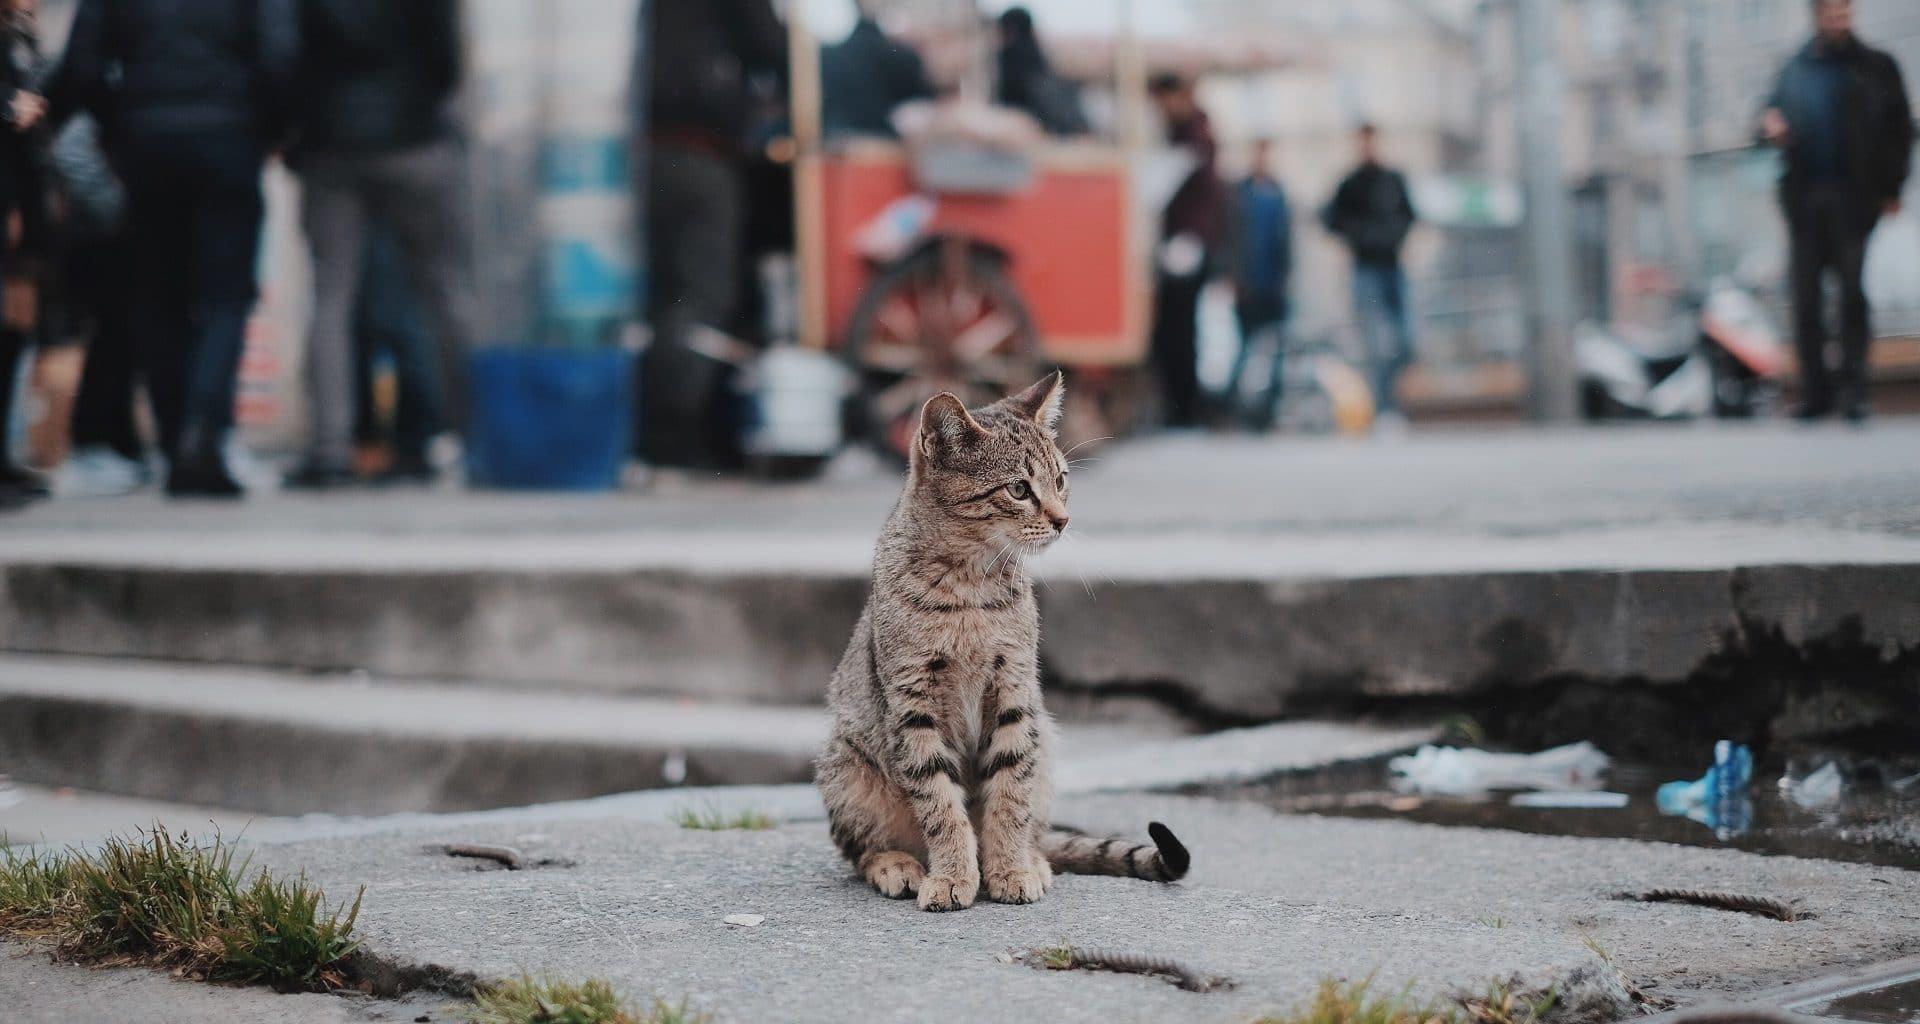 pet adoption statistics - featured image